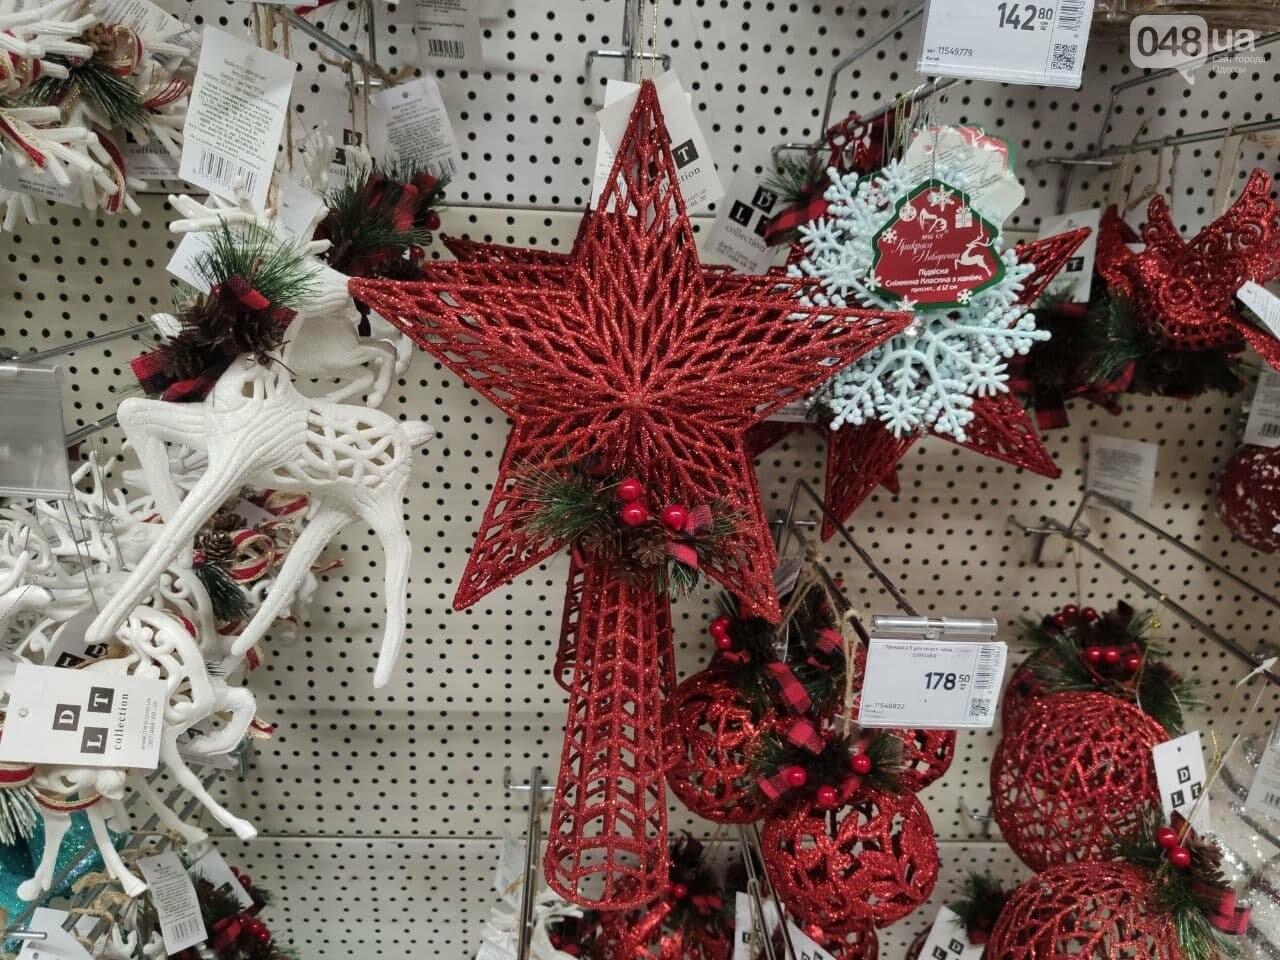 Сколько стоит украсить новогоднюю елку в Одессе, - ФОТО, фото-7